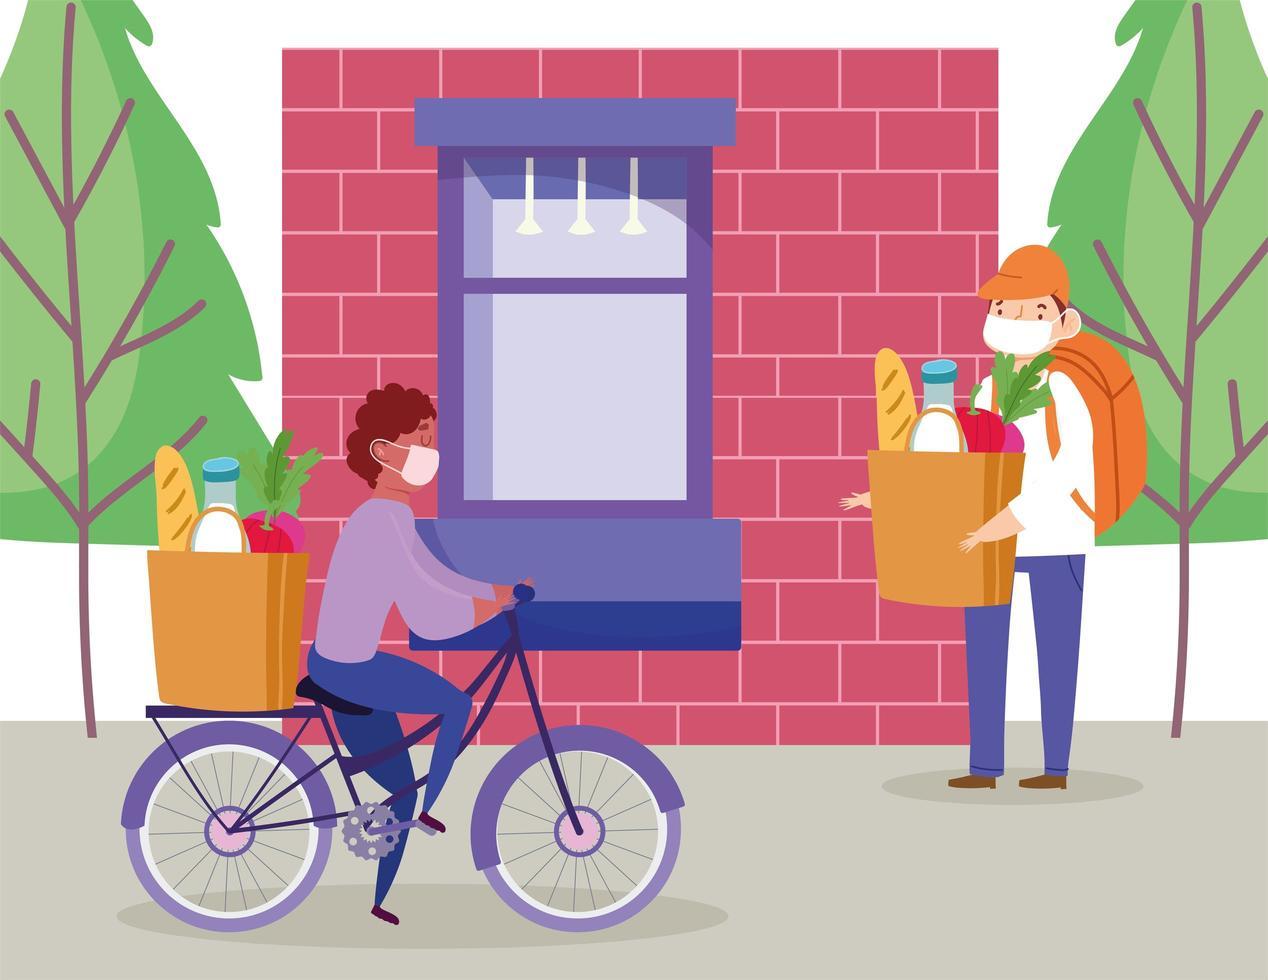 corriere uomo in sella a bici e altri a piedi vettore